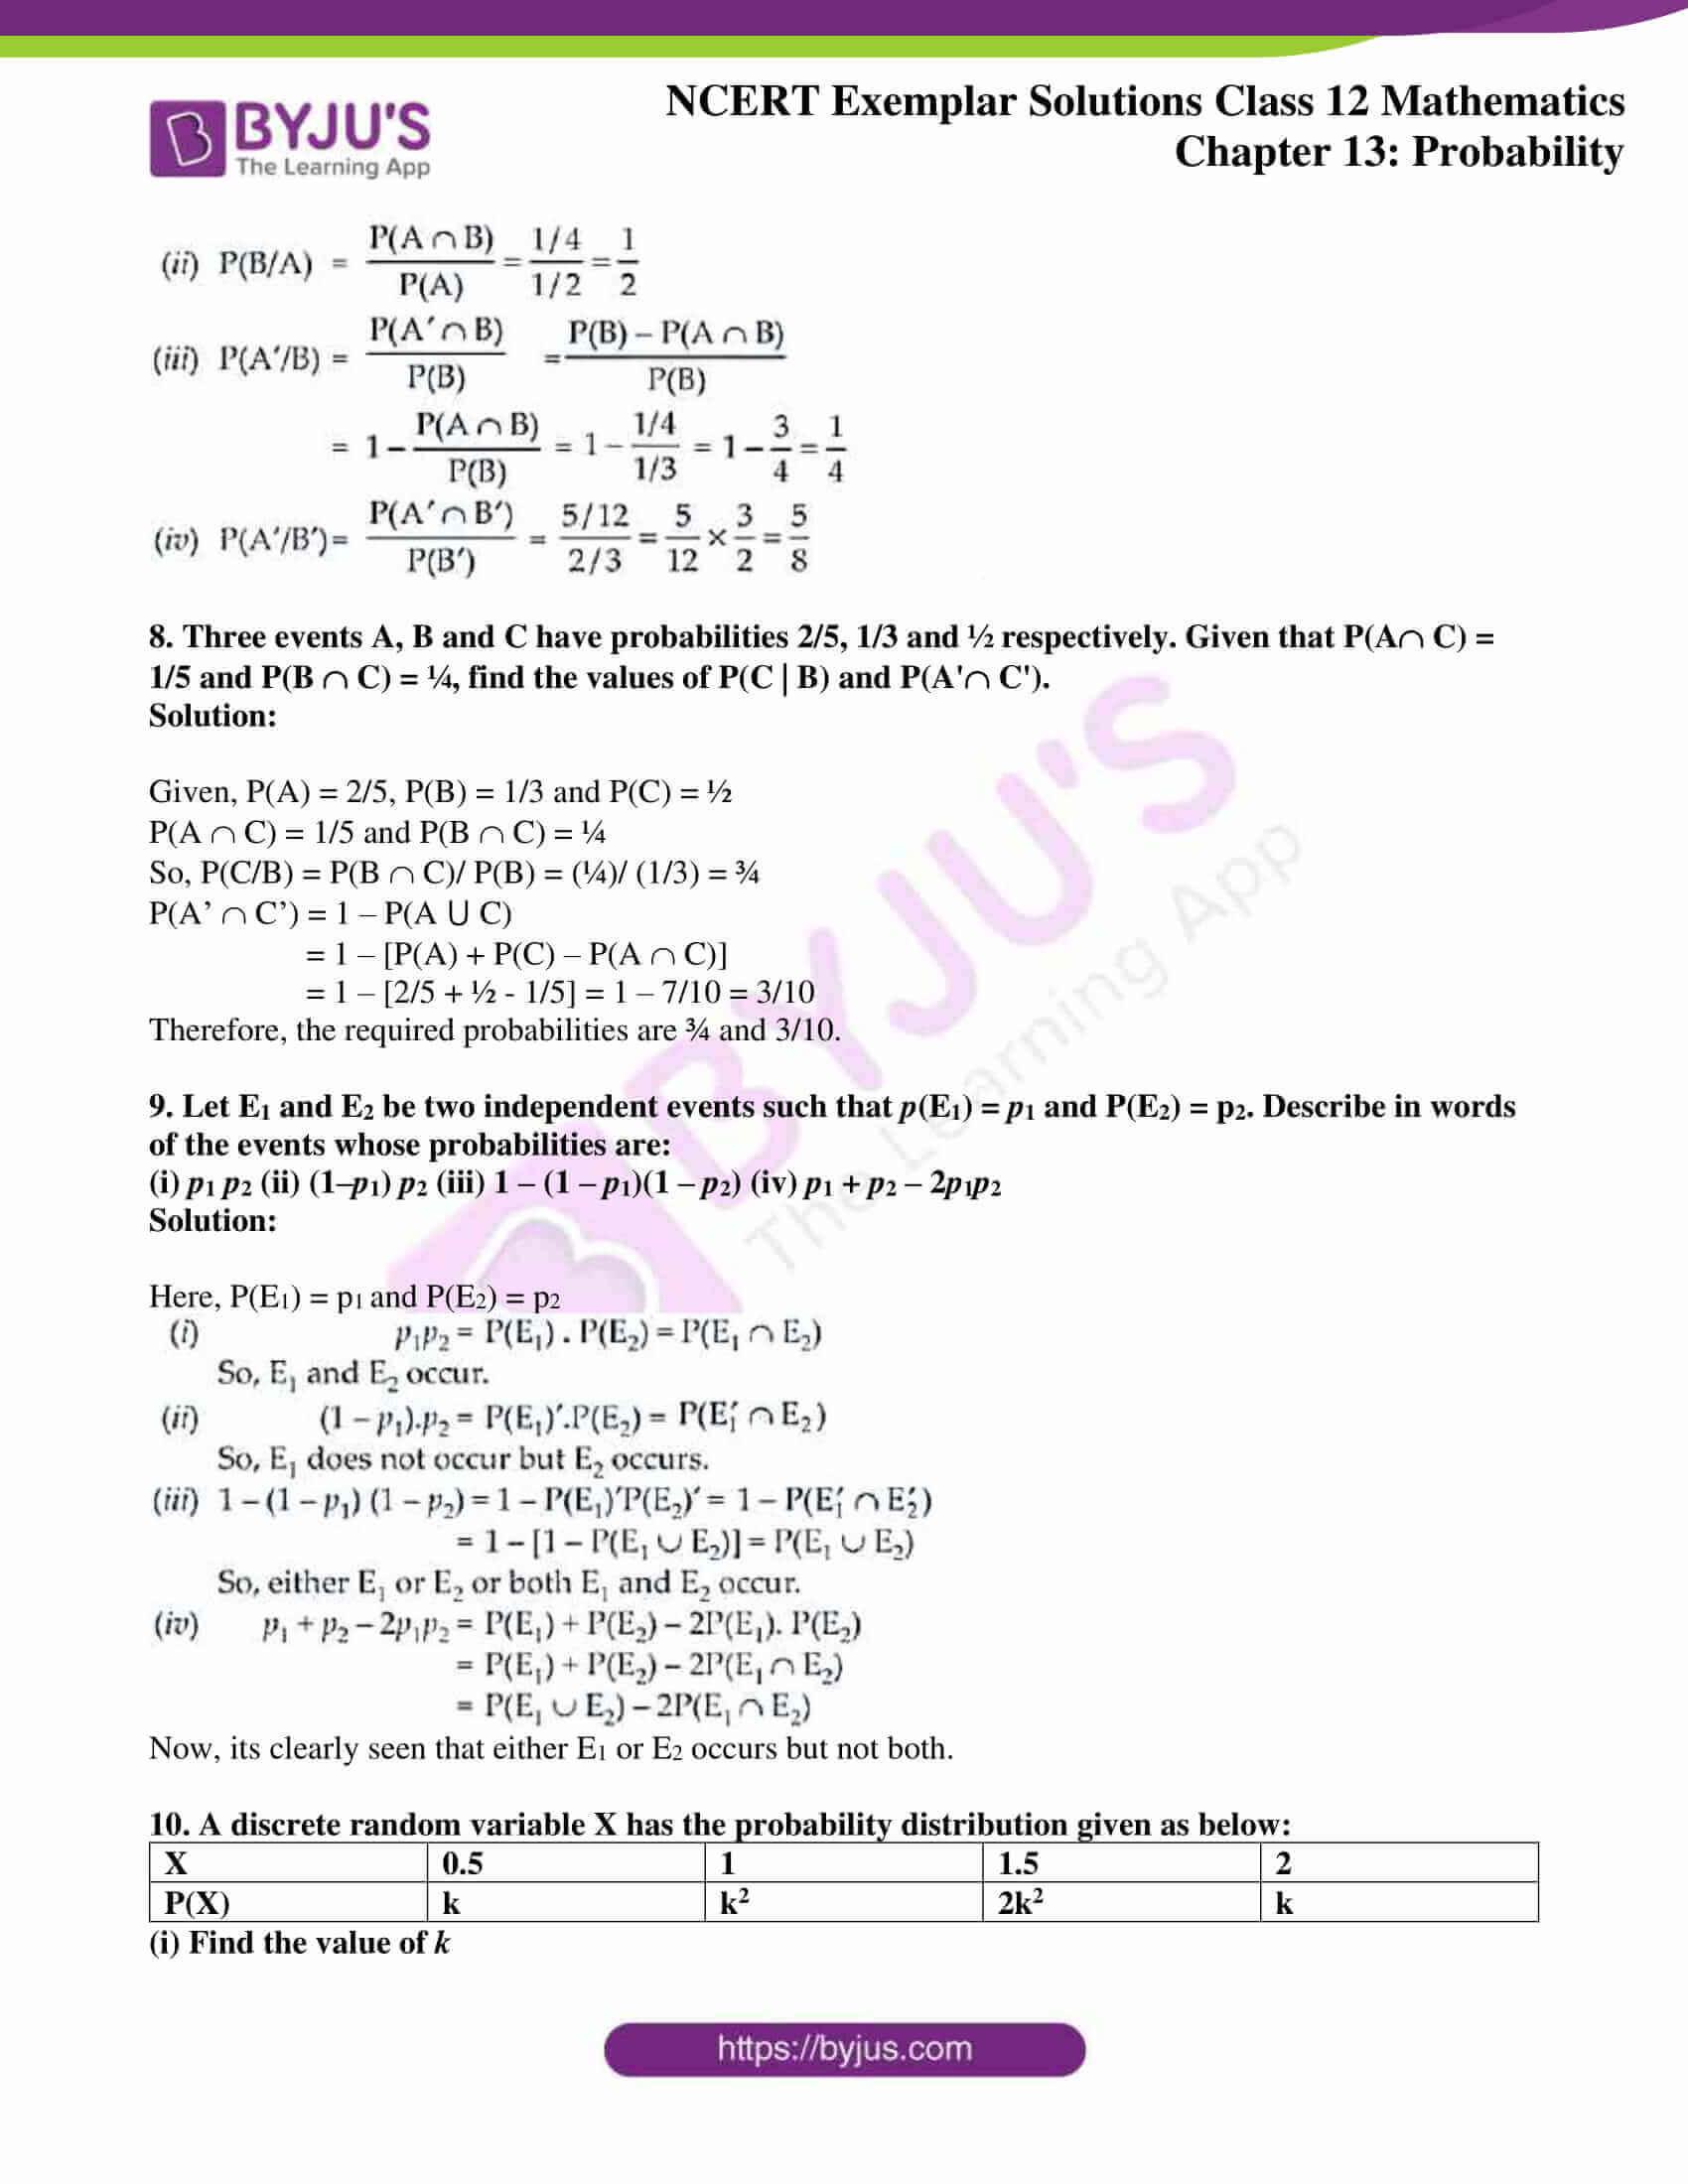 ncert exemplar sol class 12 mathematics chapter 13 04